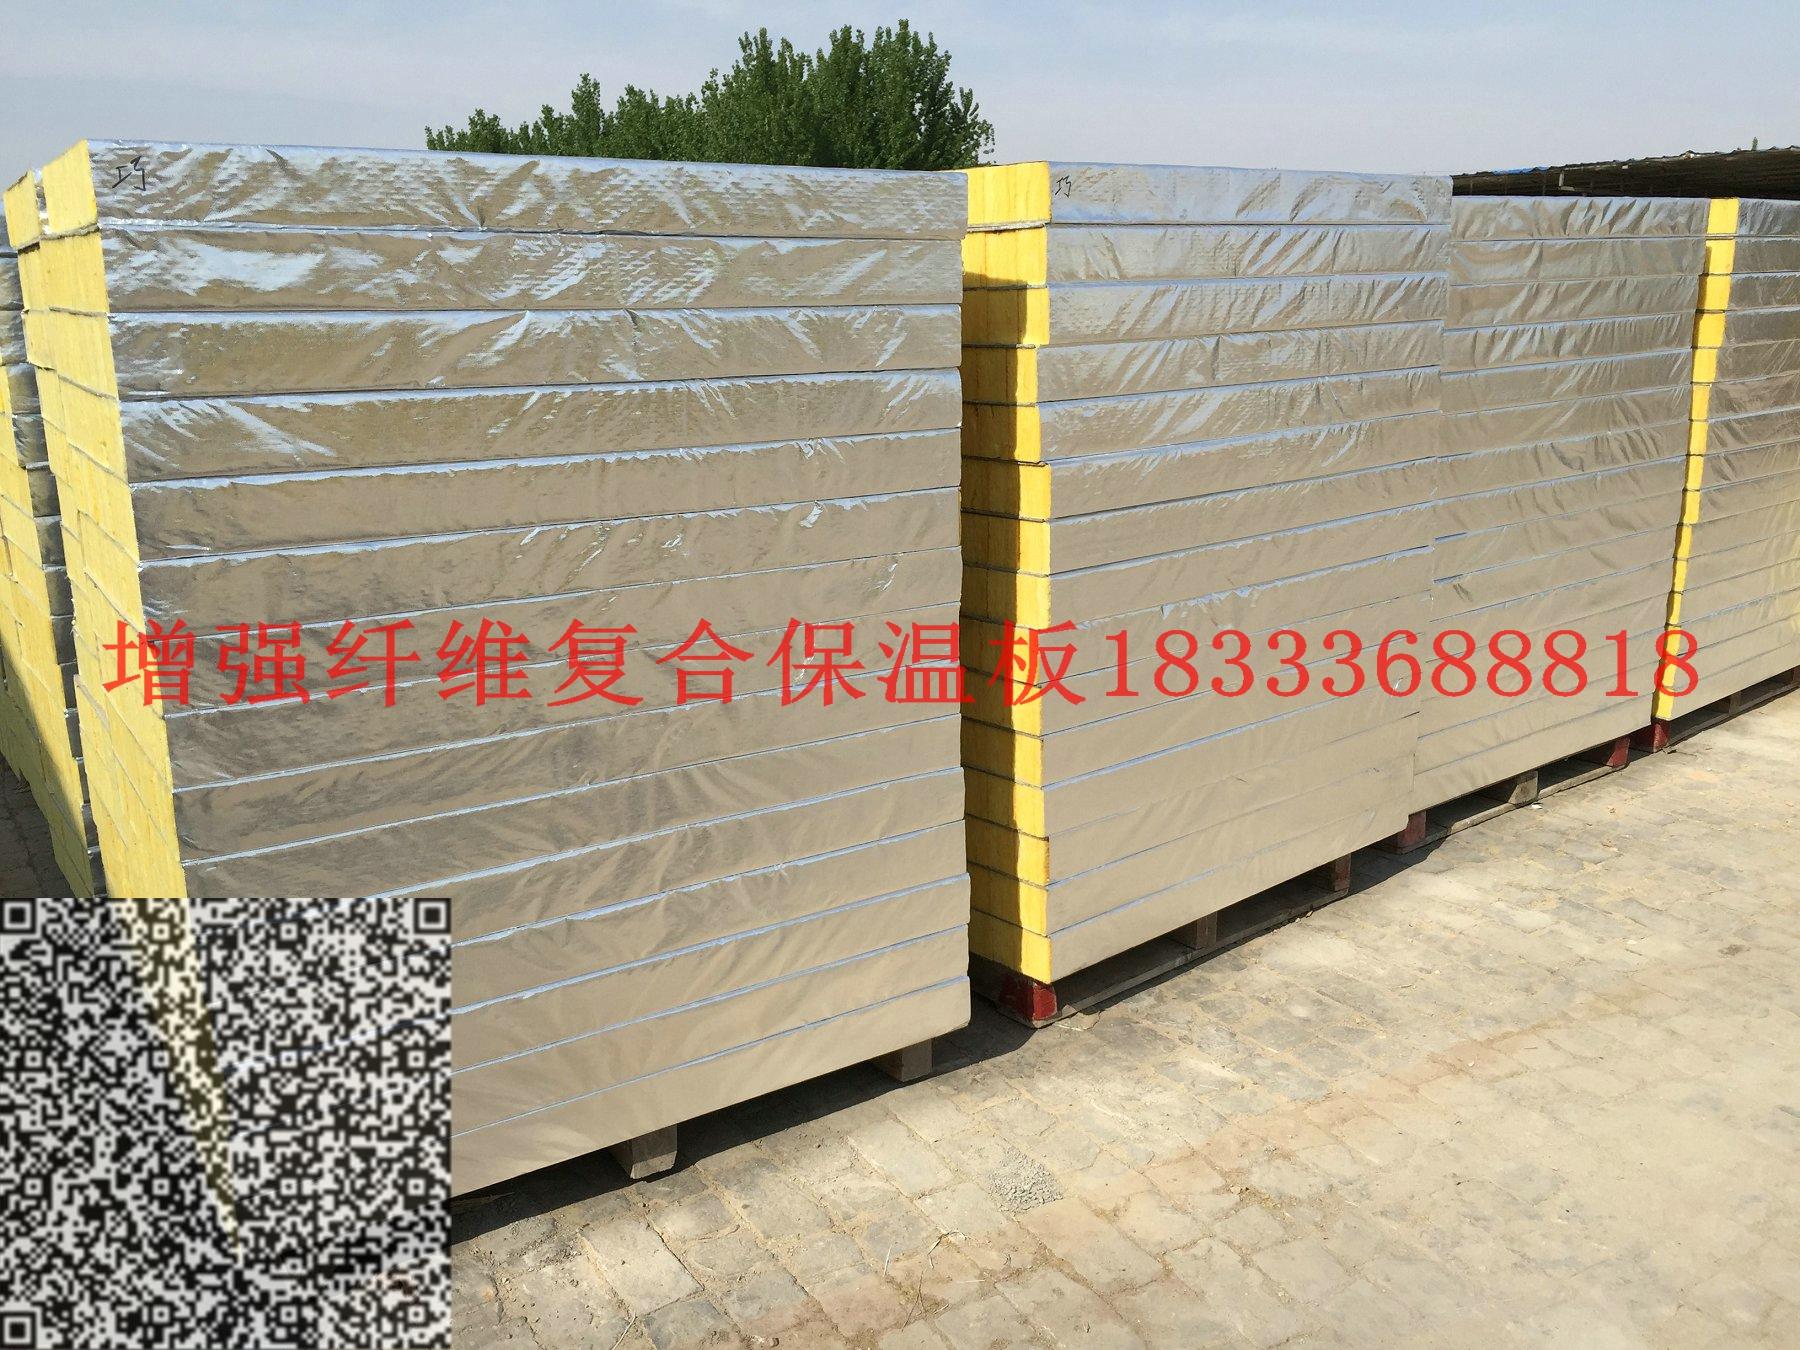 裹覆增强玻璃纤维板chang商出shou|供应�que豢诒�好的裹覆增强玻璃纤维板